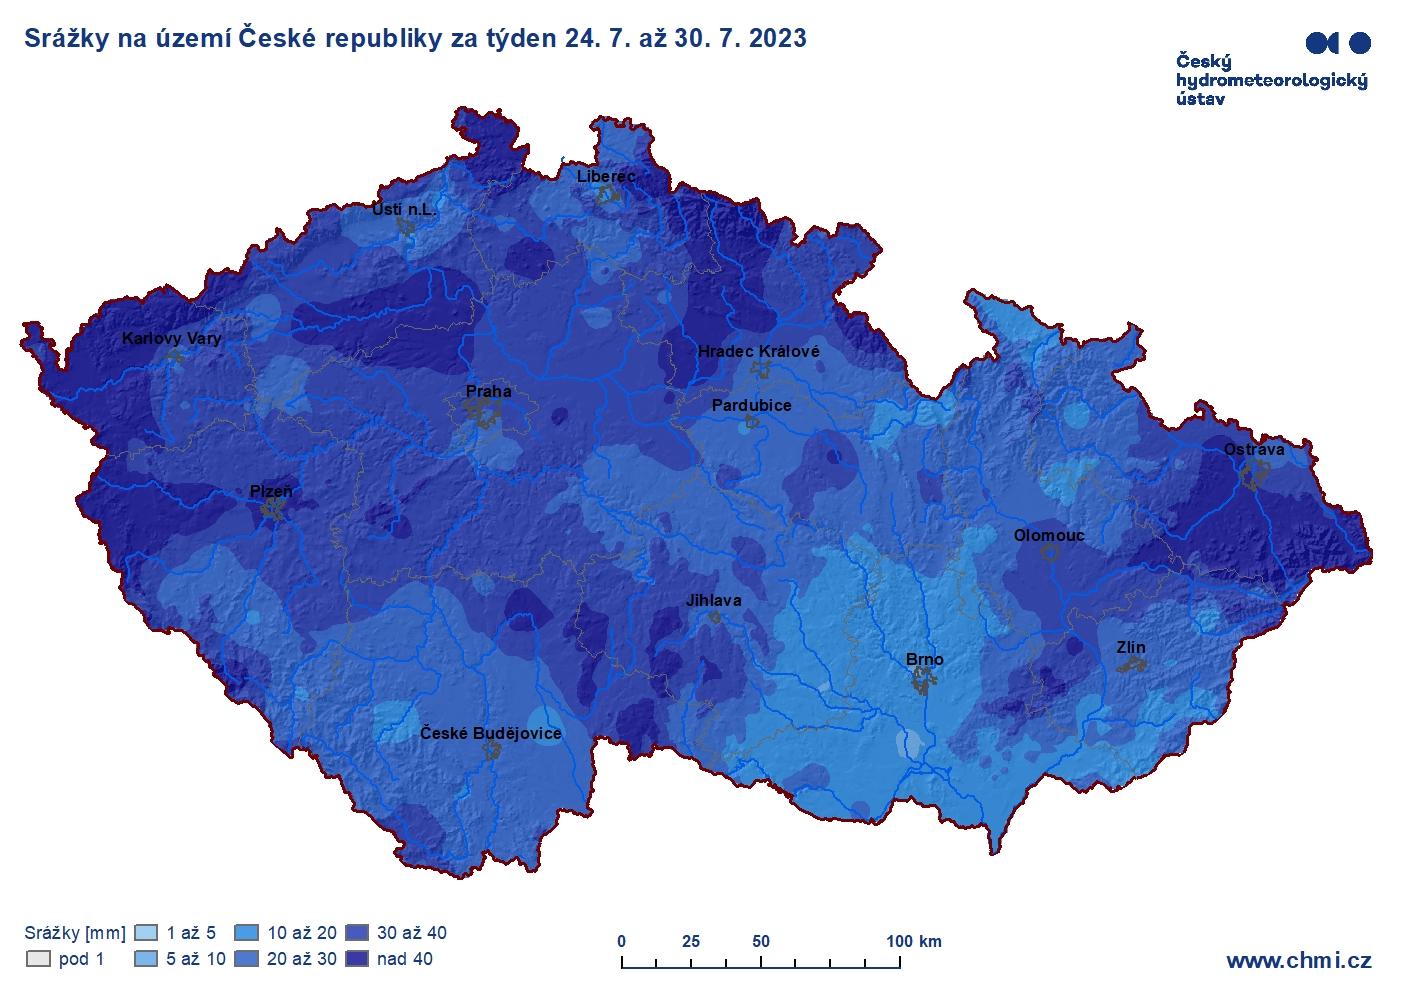 Spadlé srážky za týden - ČR